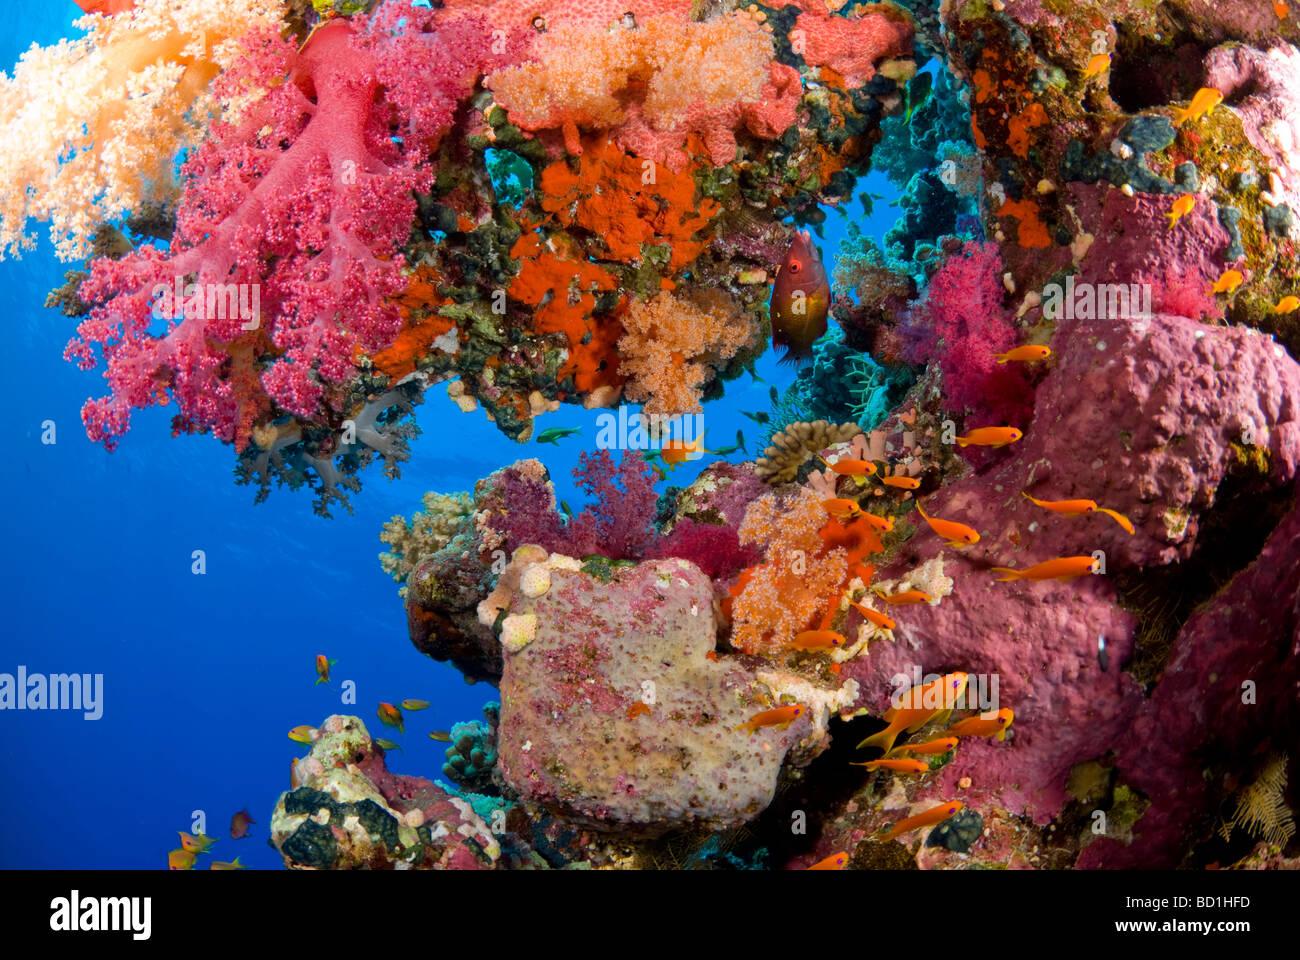 Bunte Korallenriff Szene mit lila Weichkorallen und verschiedene tropische Fische. Safaga, Rotes Meer Stockbild